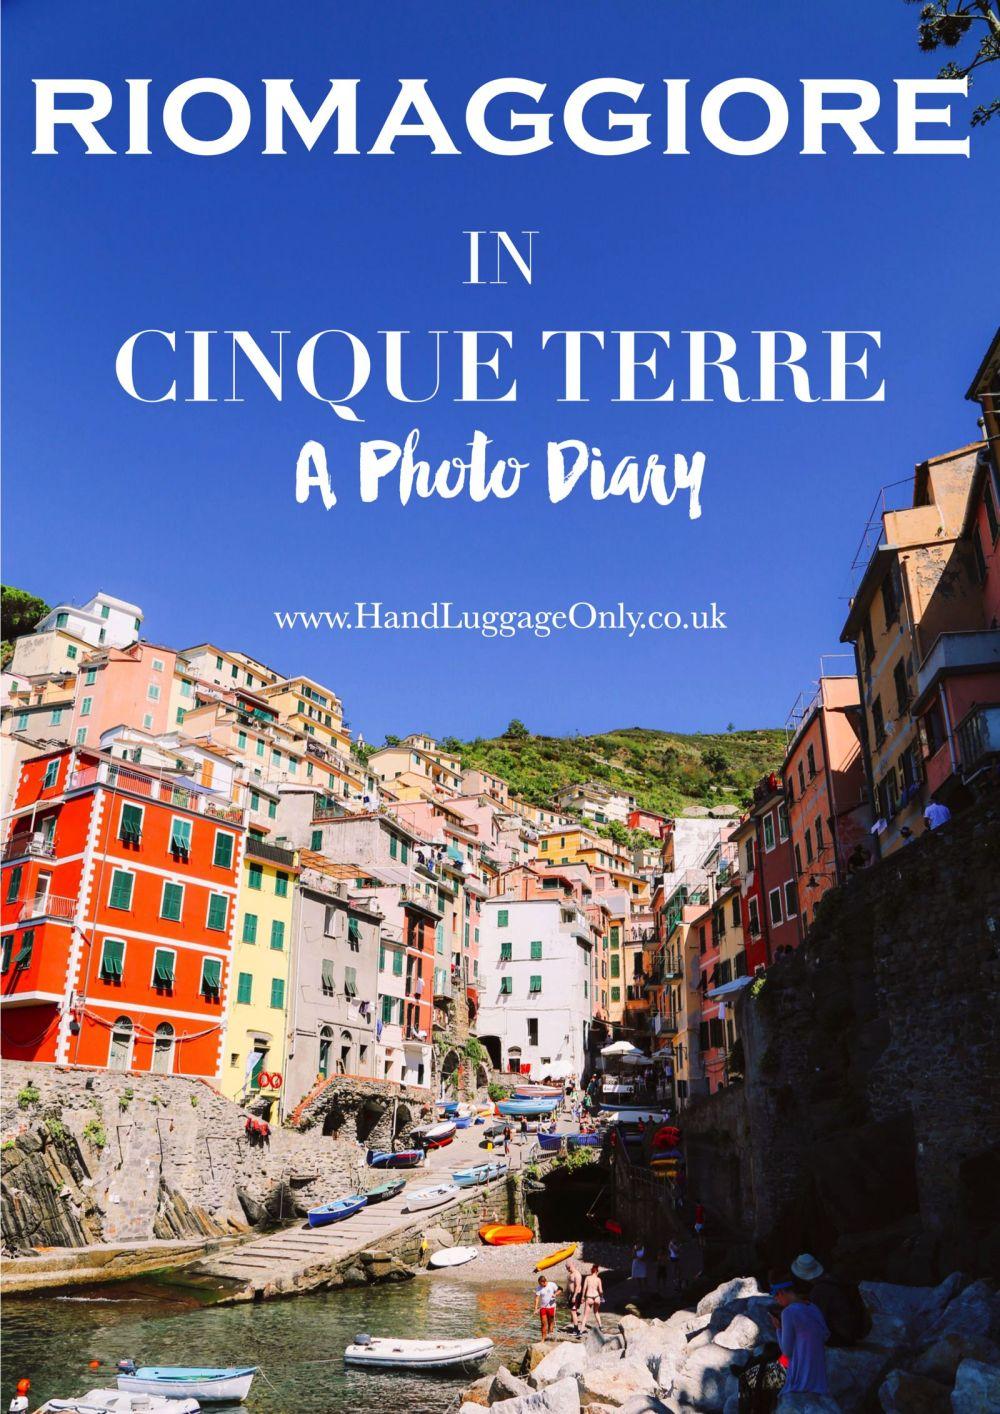 Riomaggiore in Cinque Terre, Italy - A Photo Diary